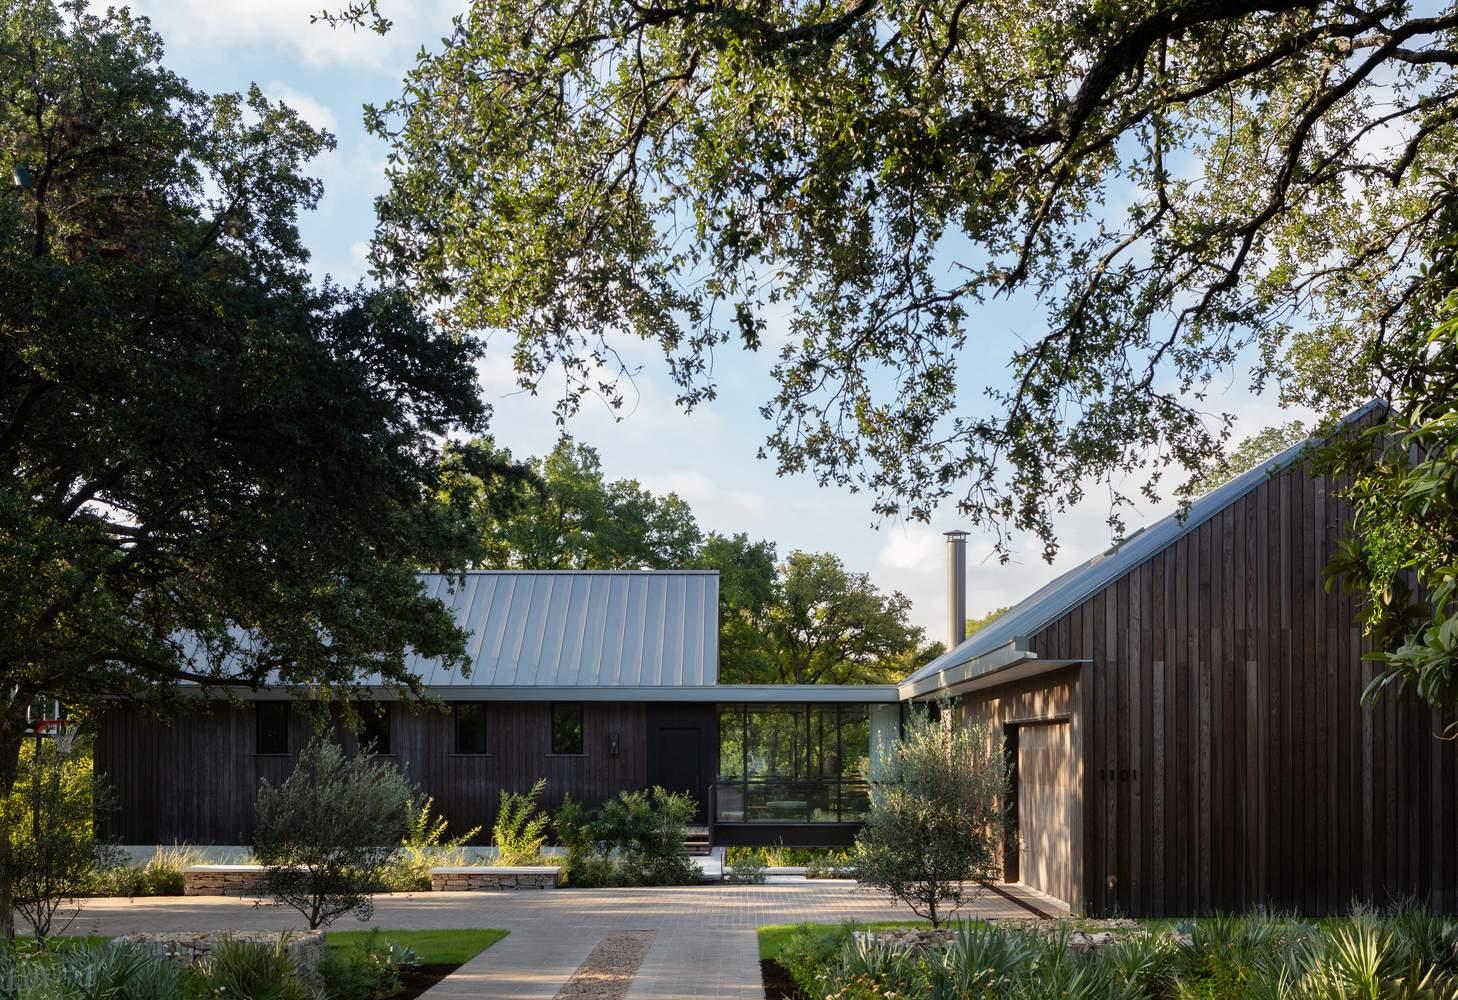 Загородный деревянный дом с эстетикой ранчо, США